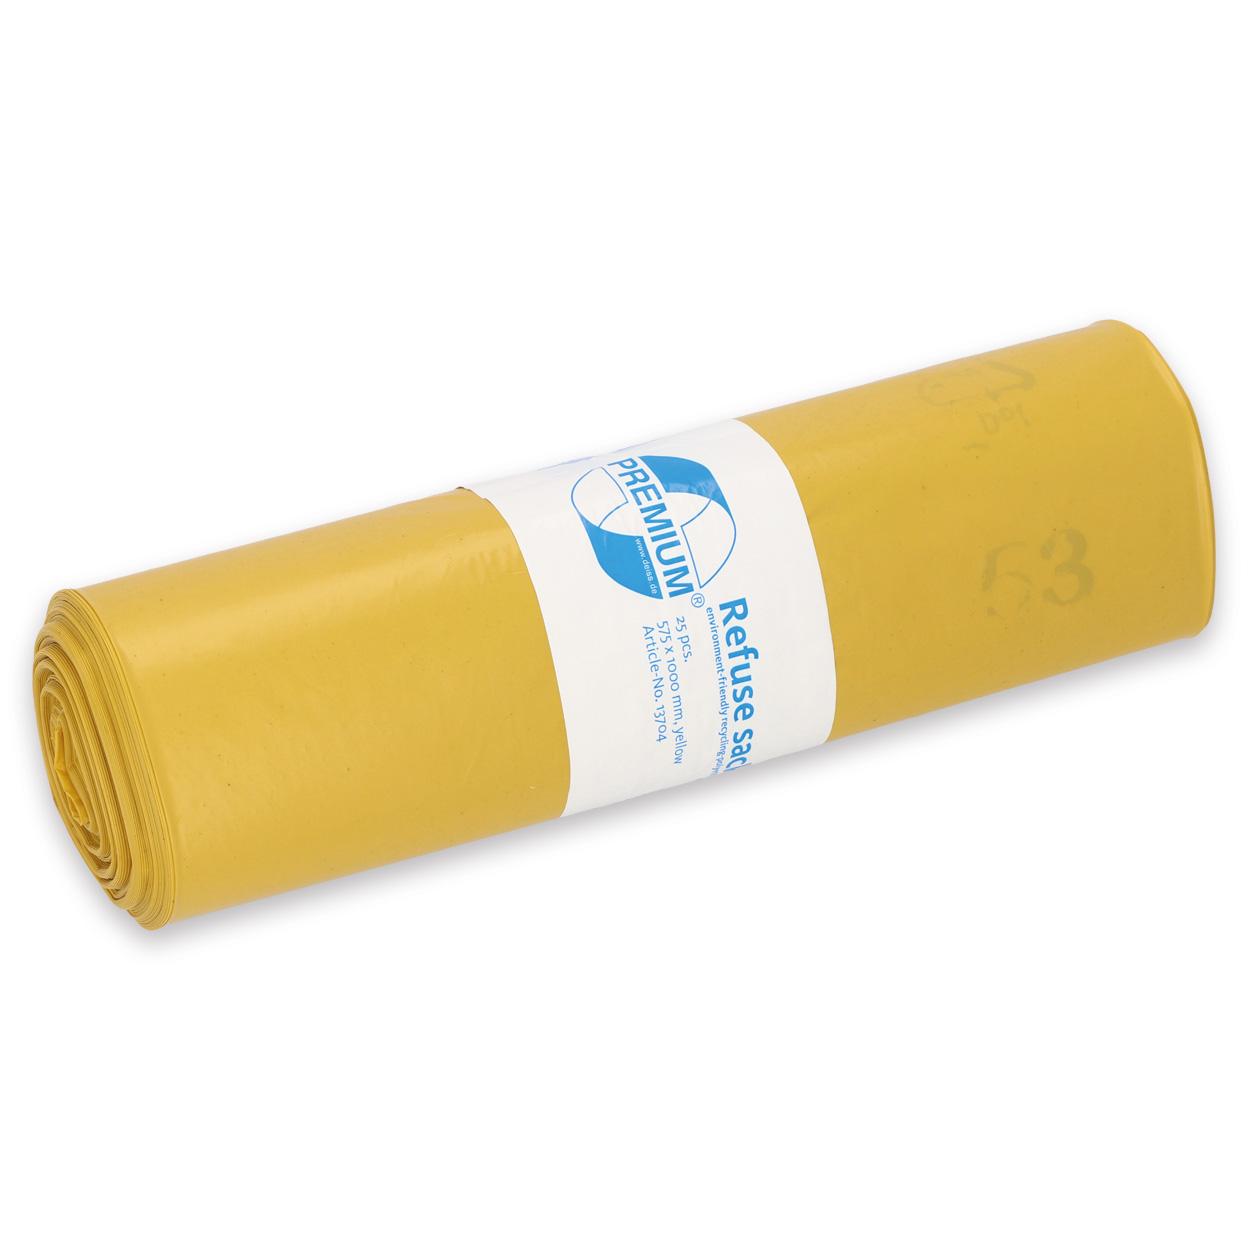 Abfallsack Premium 70 l T60 gelb - Karton mit 250 Stück